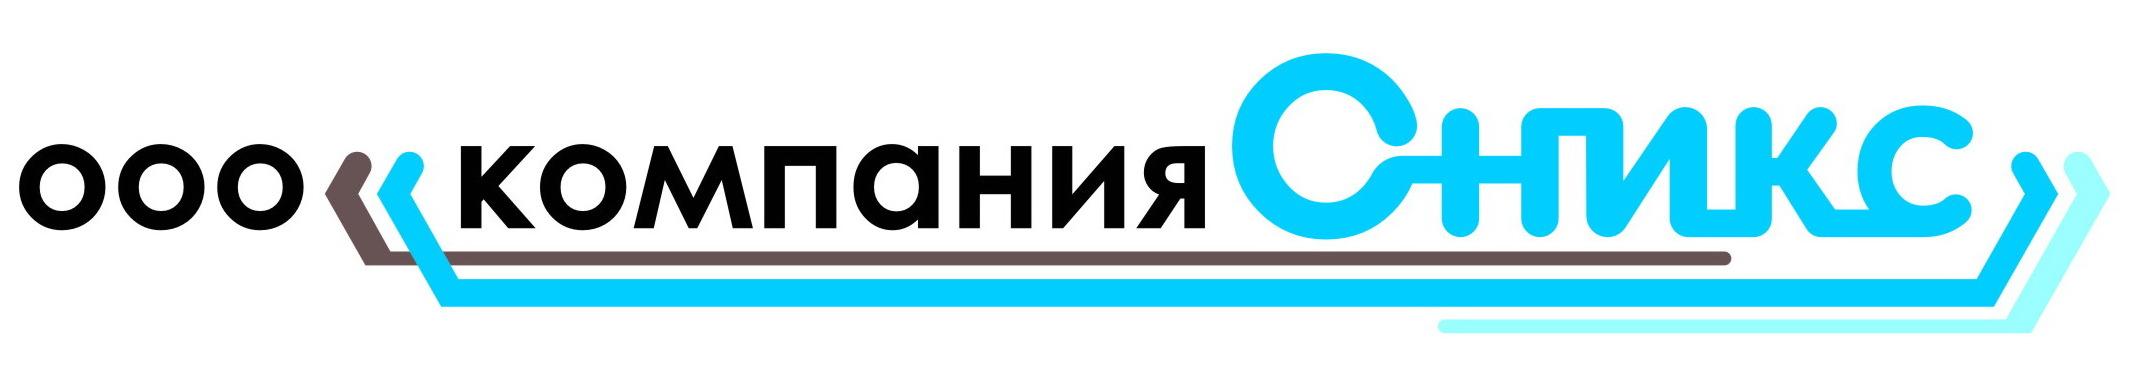 Строительная компания союз Ижевск официальный сайт гост 22023-76 материалы строительные метод микроскопического количественного анализа стру